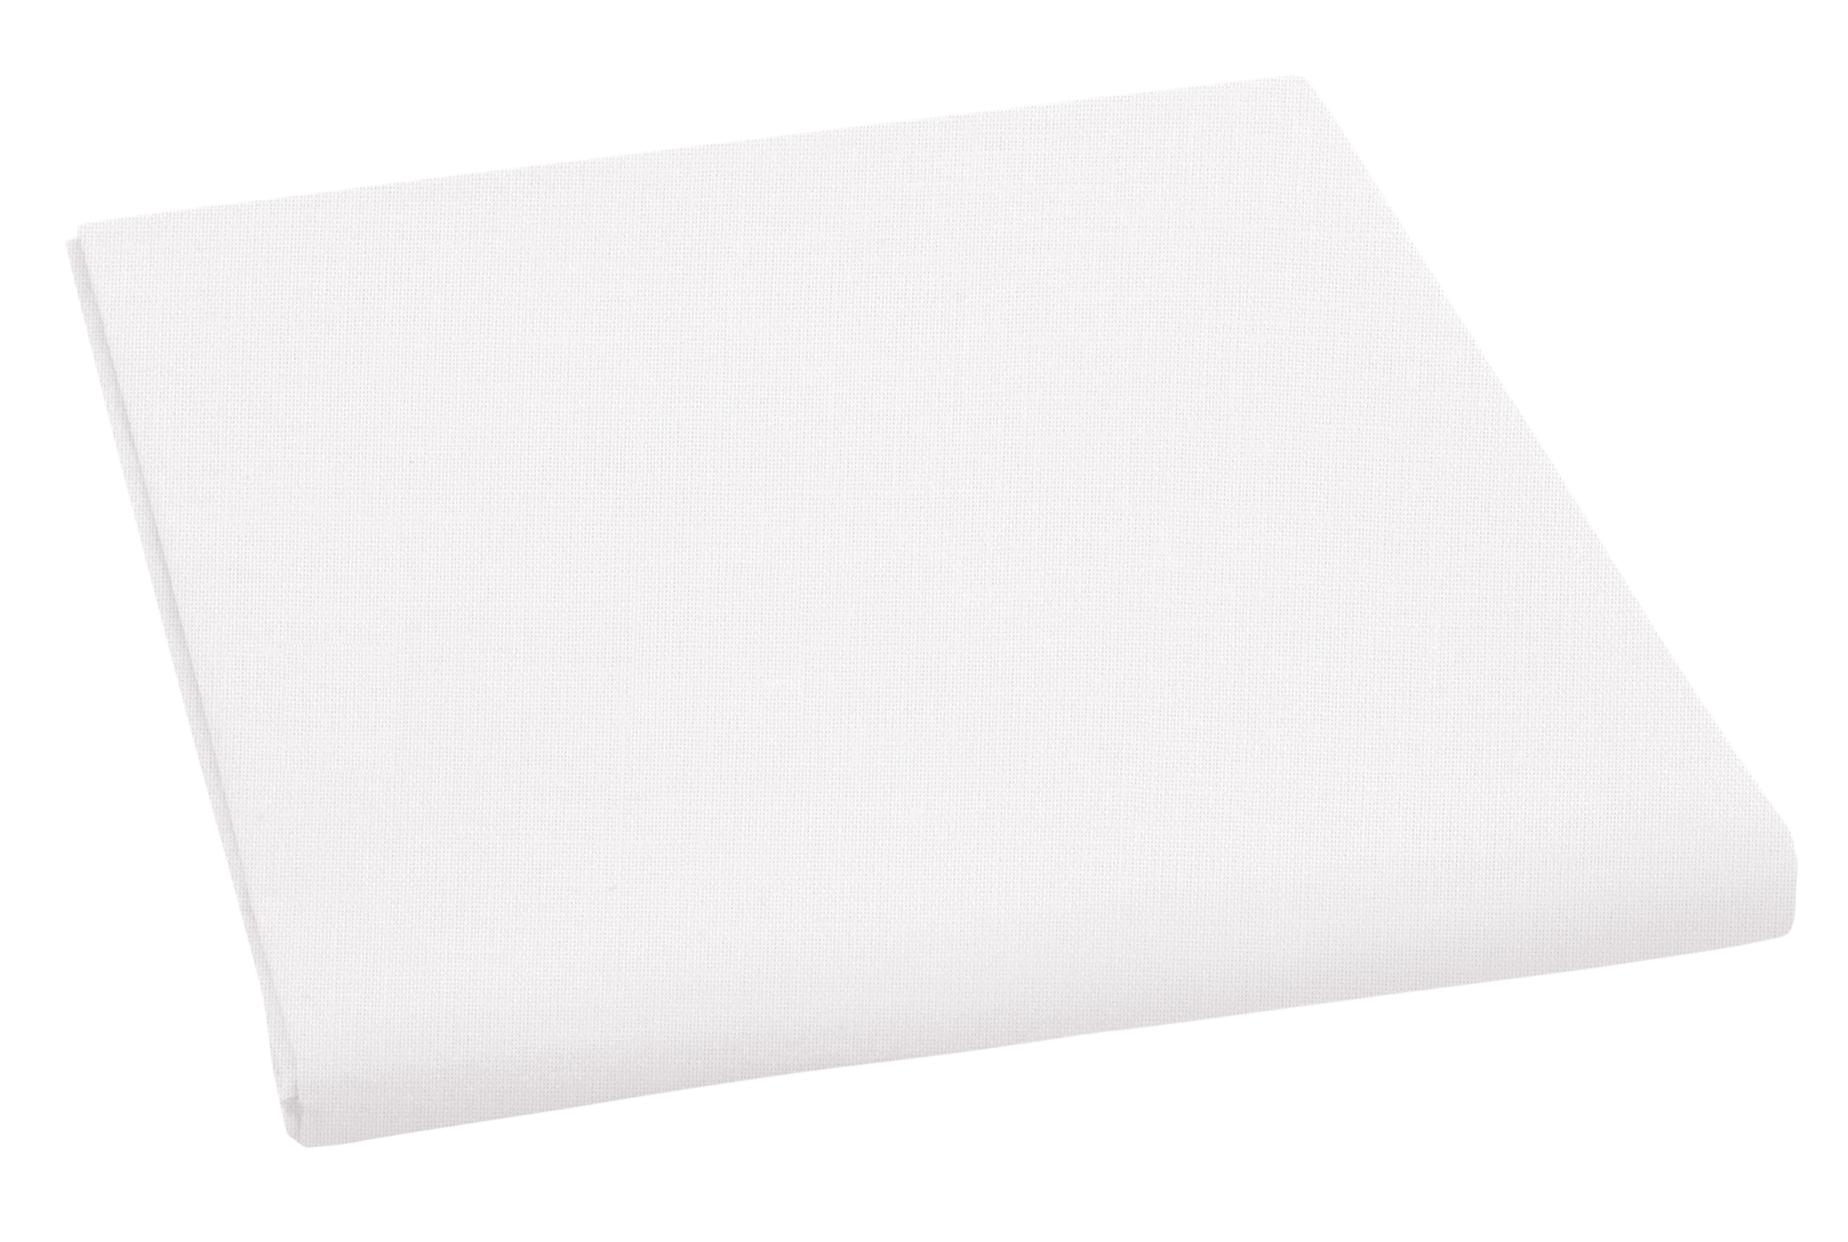 Prostěradlo bavlněné jednolůžkové 150x230cm bílé